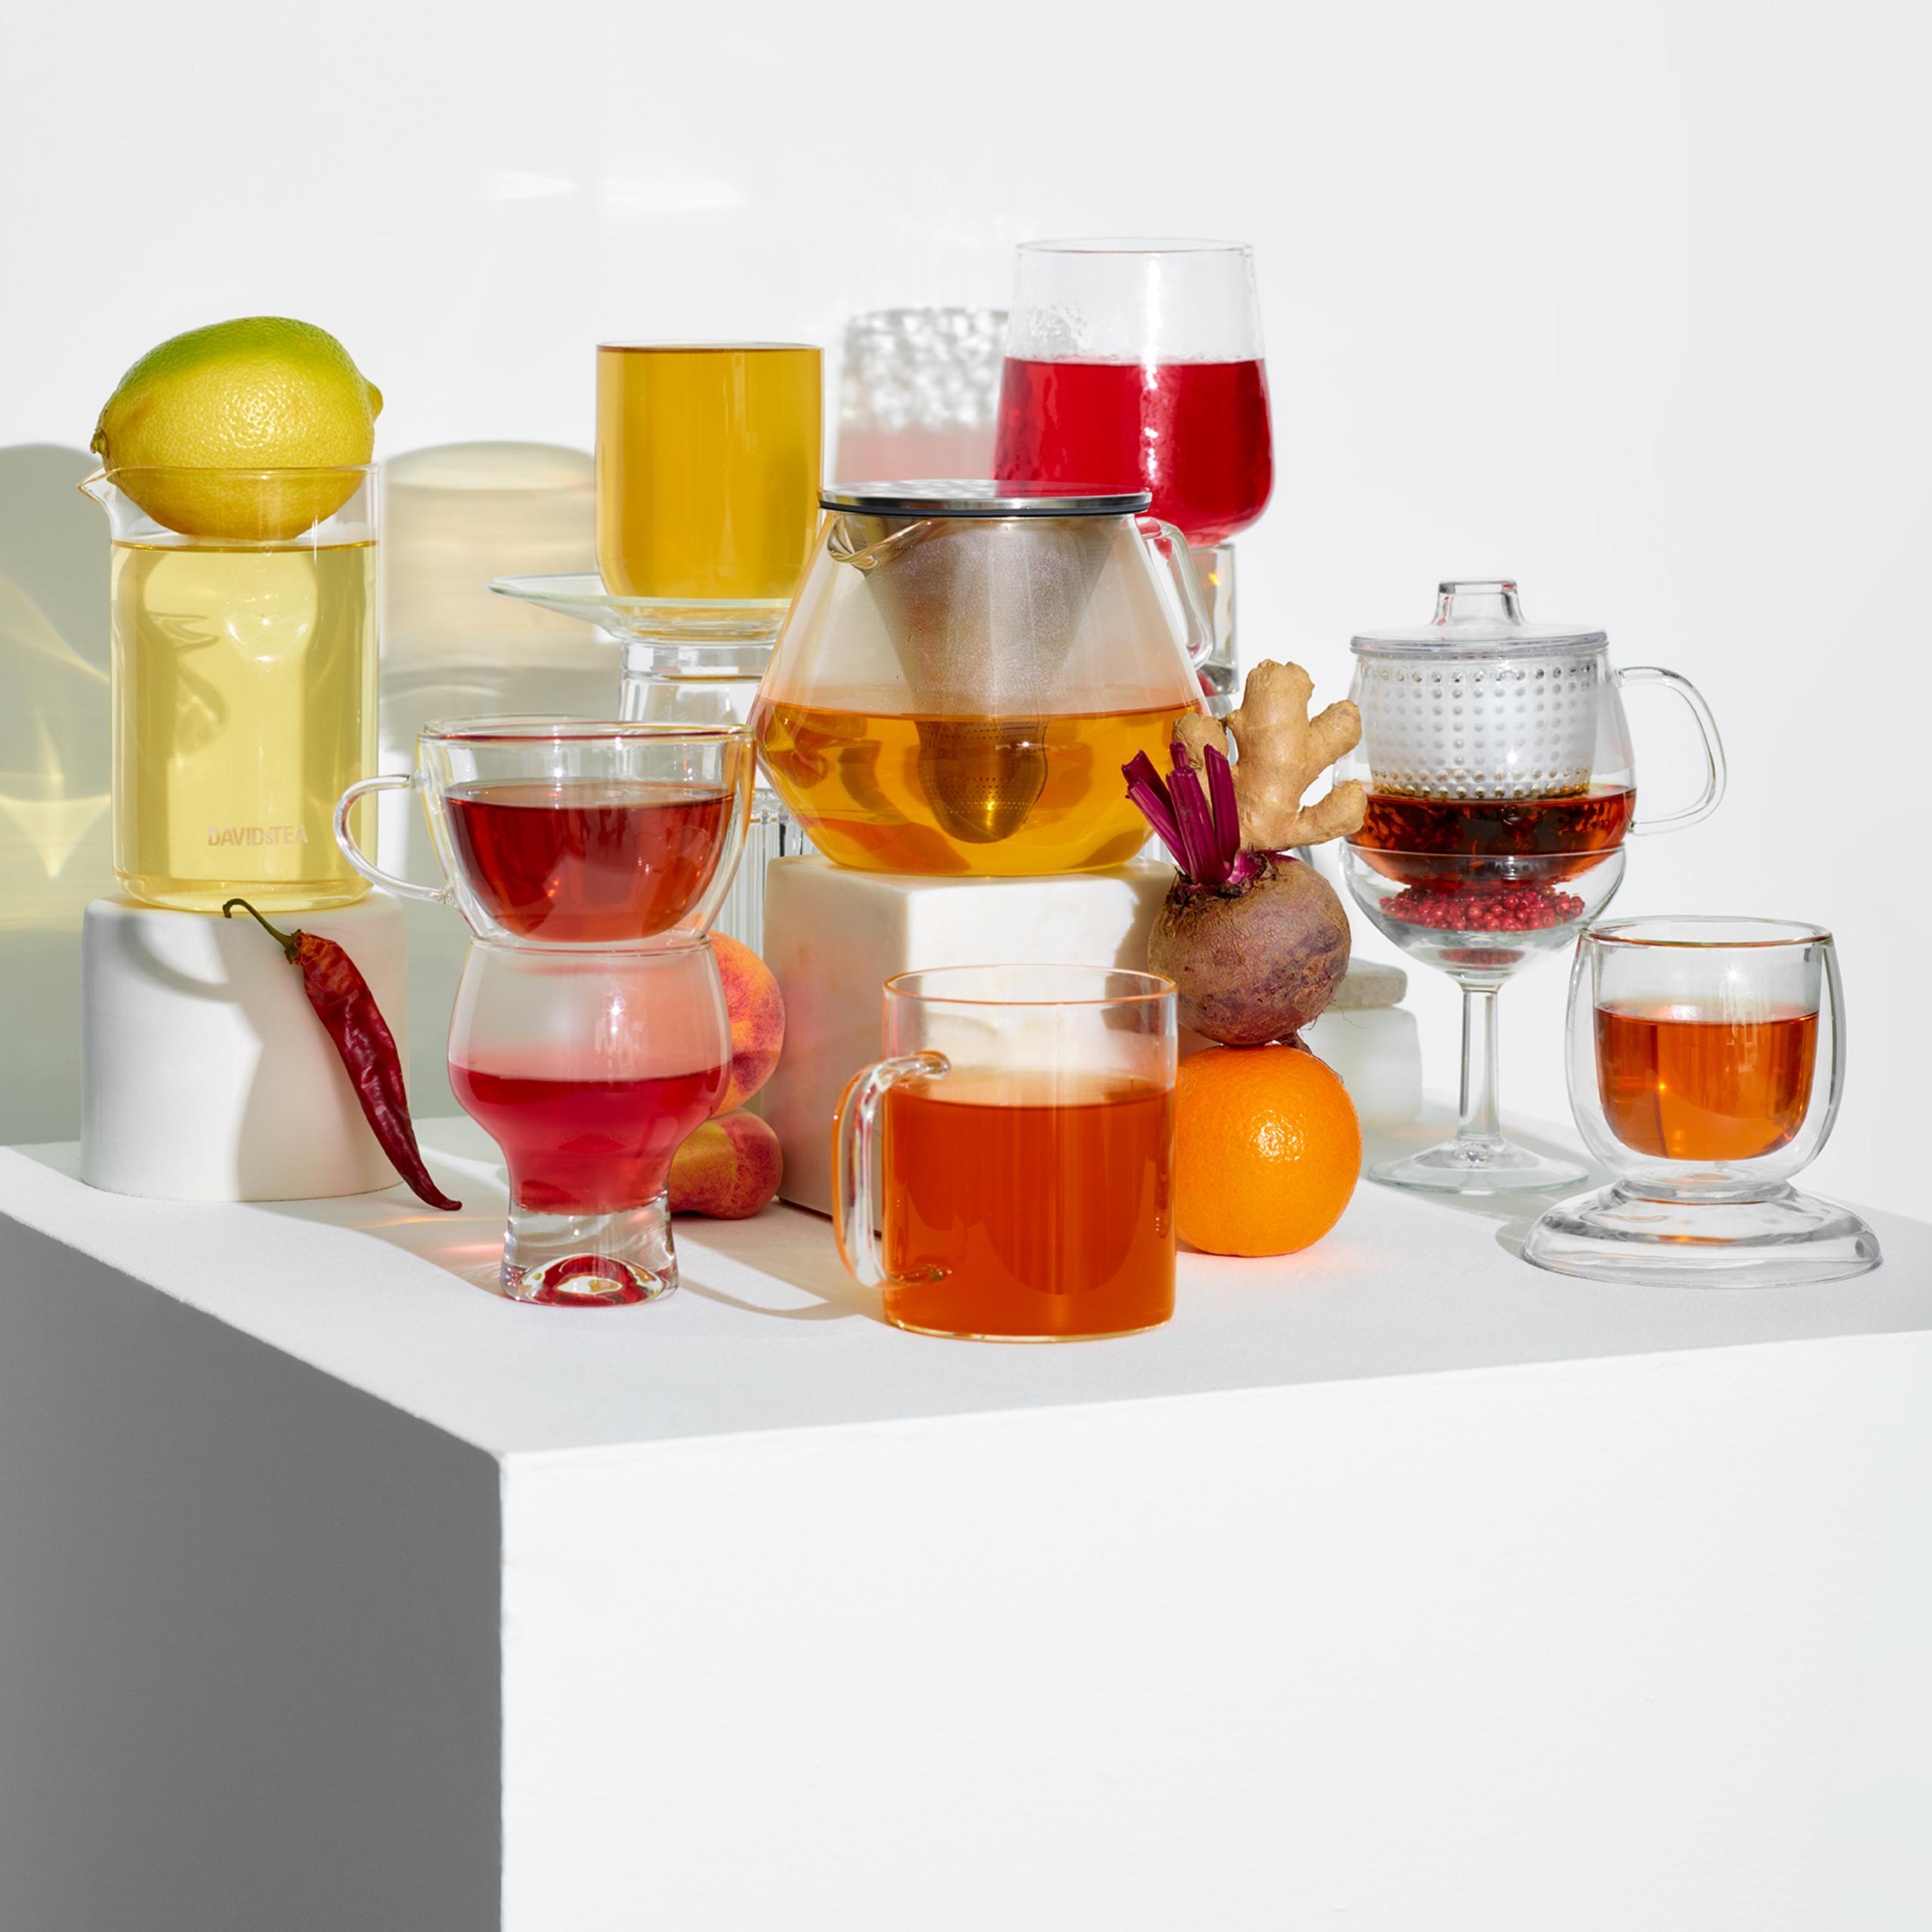 Tasses et théières en verre avec thés en feuilles glacés à base d'ingrédients naturels antirhume : citron, gingembre et chili.